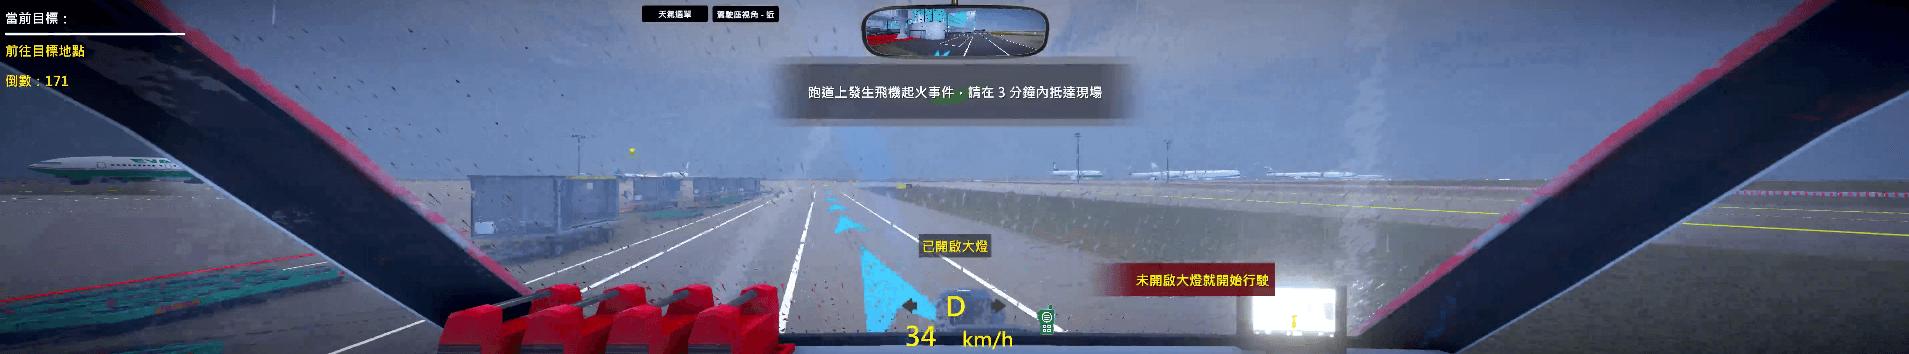 空側駕駛模擬介面示意